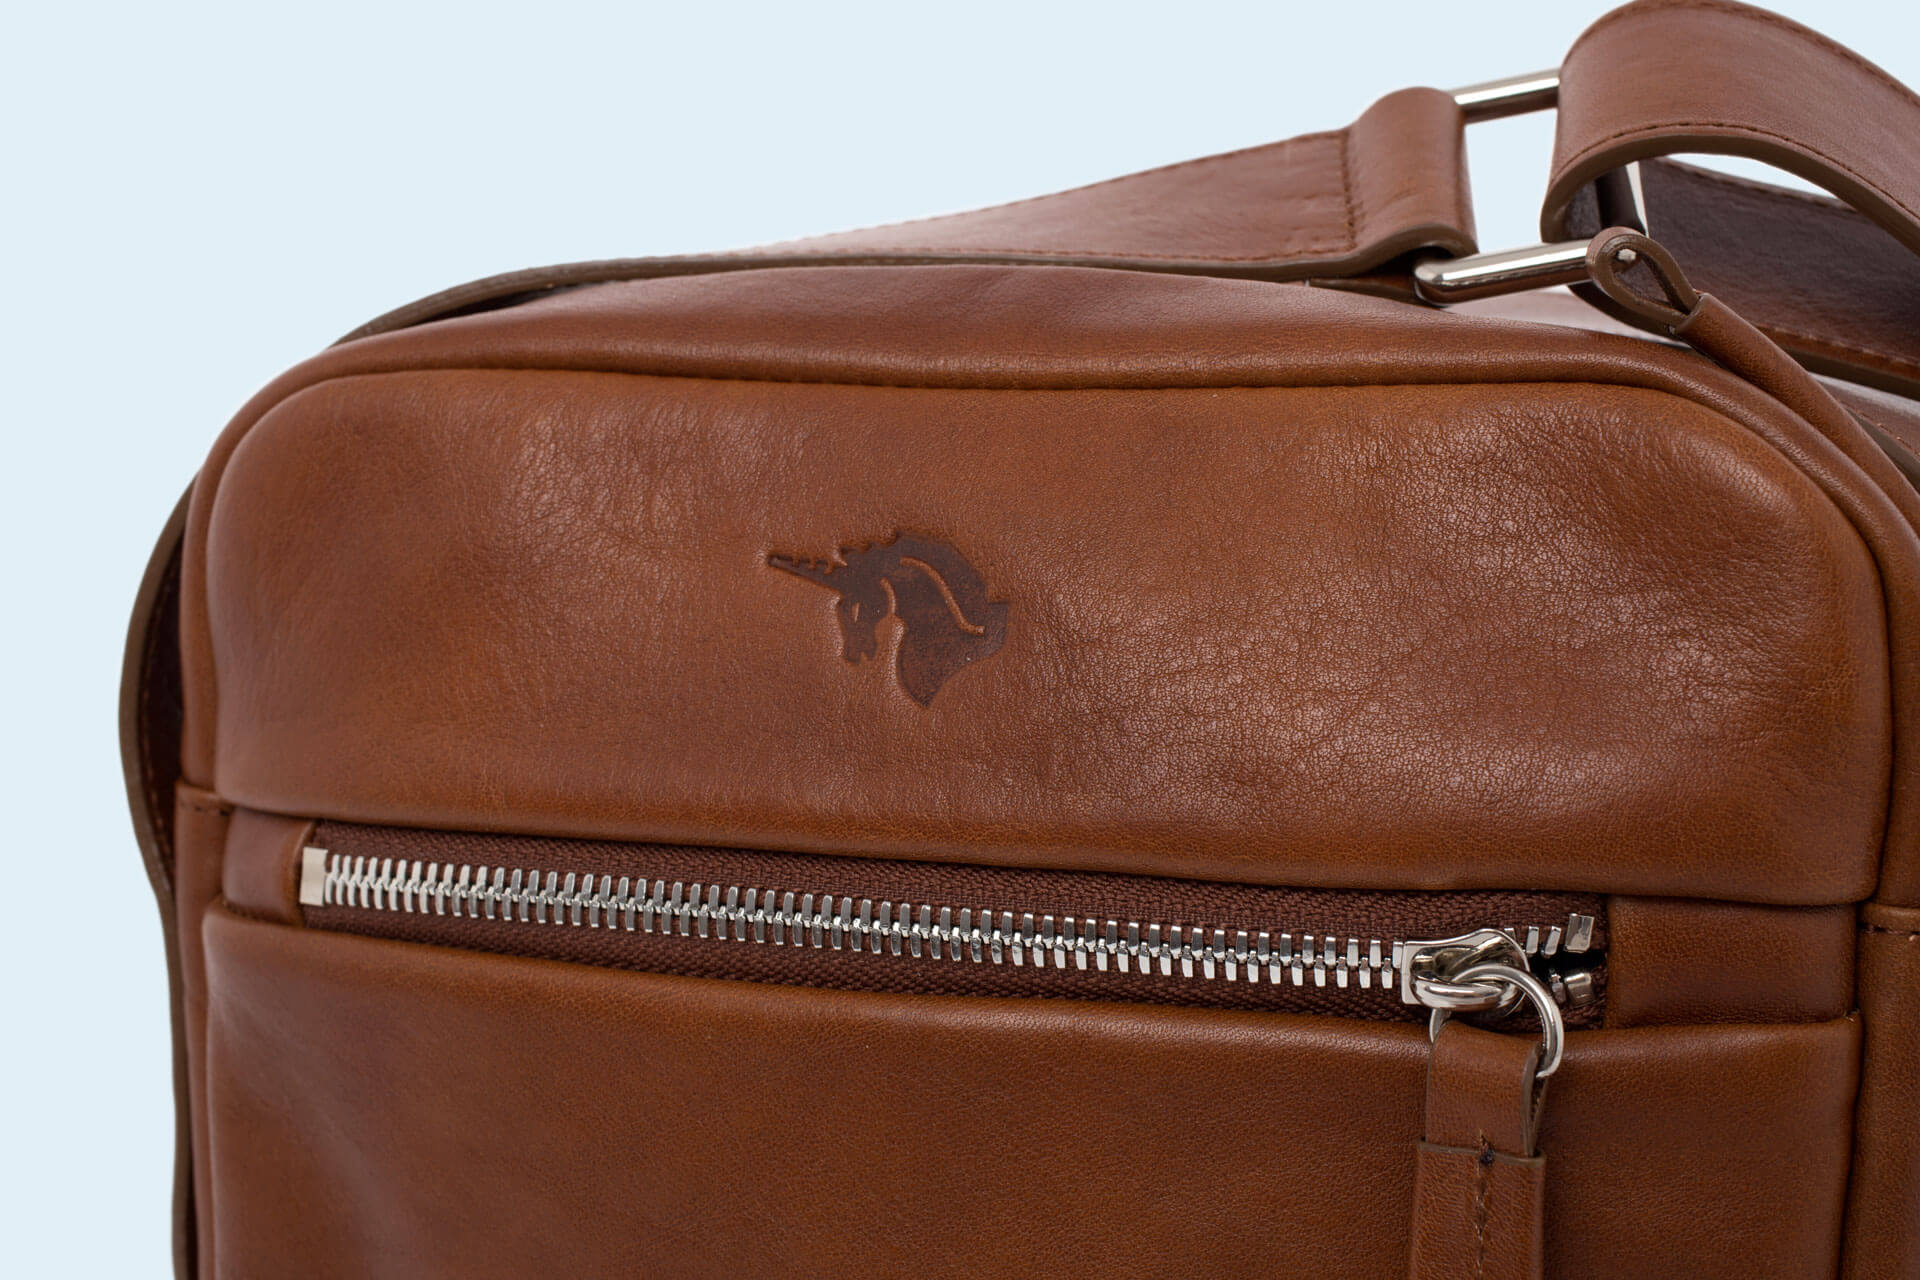 753a6ca3134bb Skórzana listonoszka męska - Nonconformist Messenger small bag ...